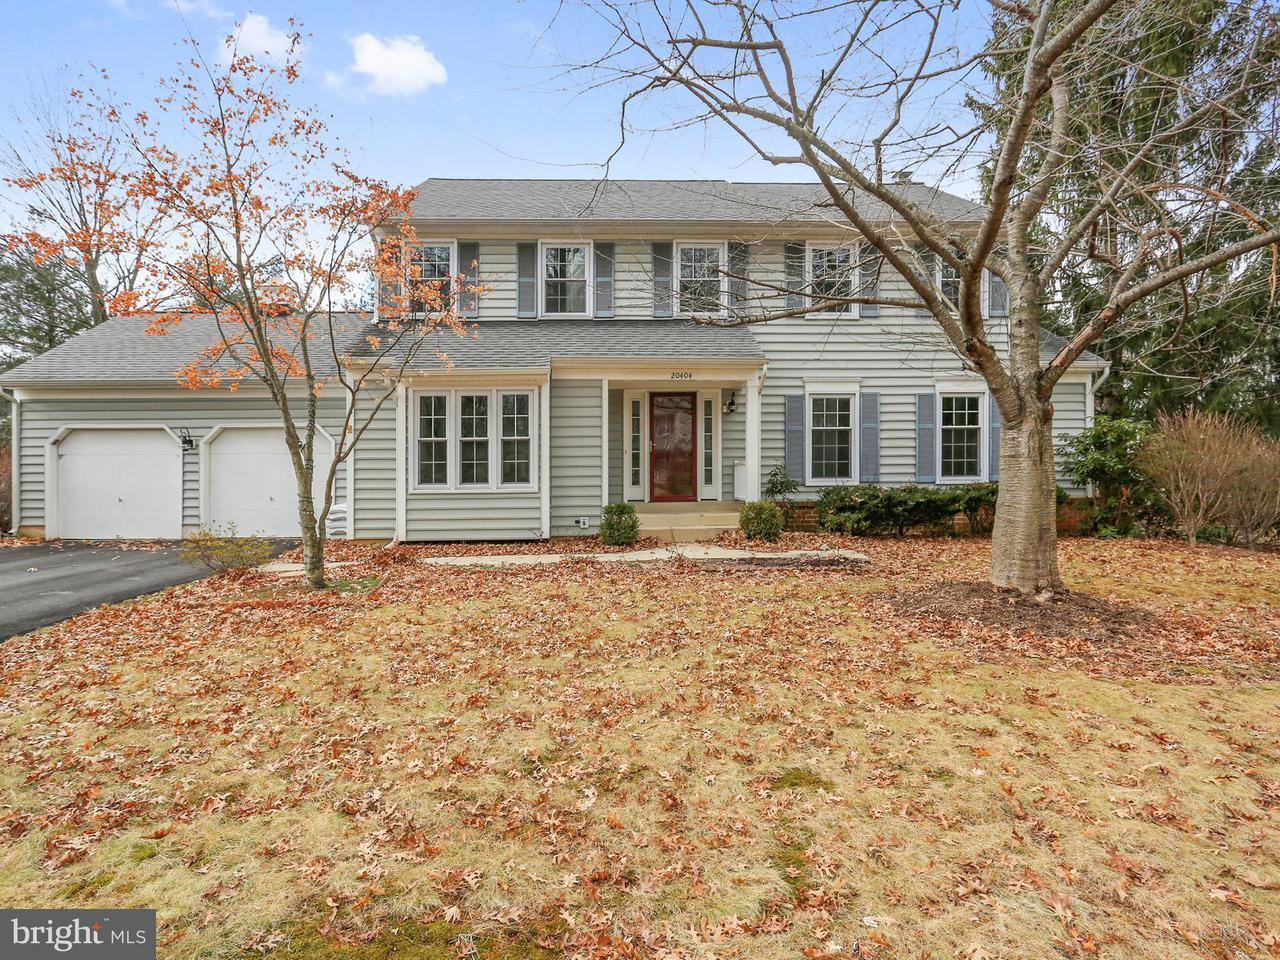 Maison unifamiliale pour l Vente à 20404 Rainbowview Ter 20404 Rainbowview Ter Montgomery Village, Maryland 20886 États-Unis